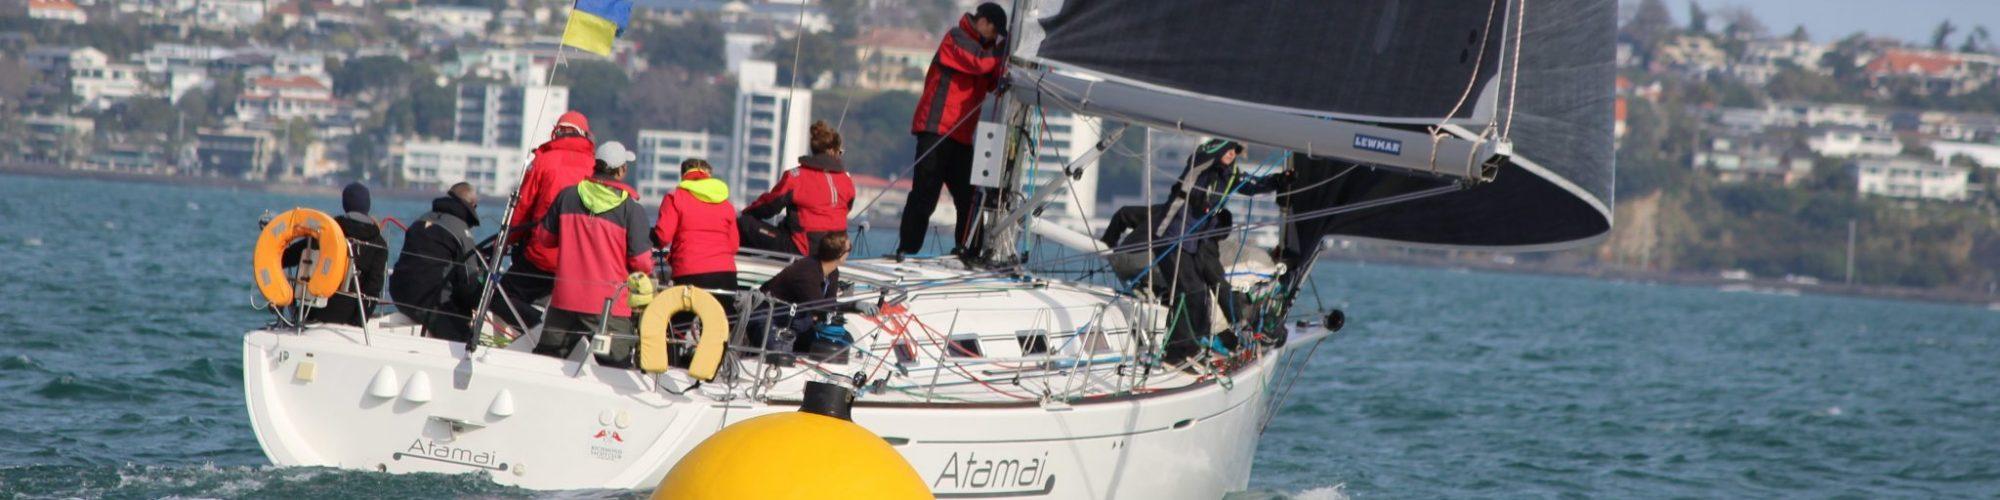 Crew Atamai